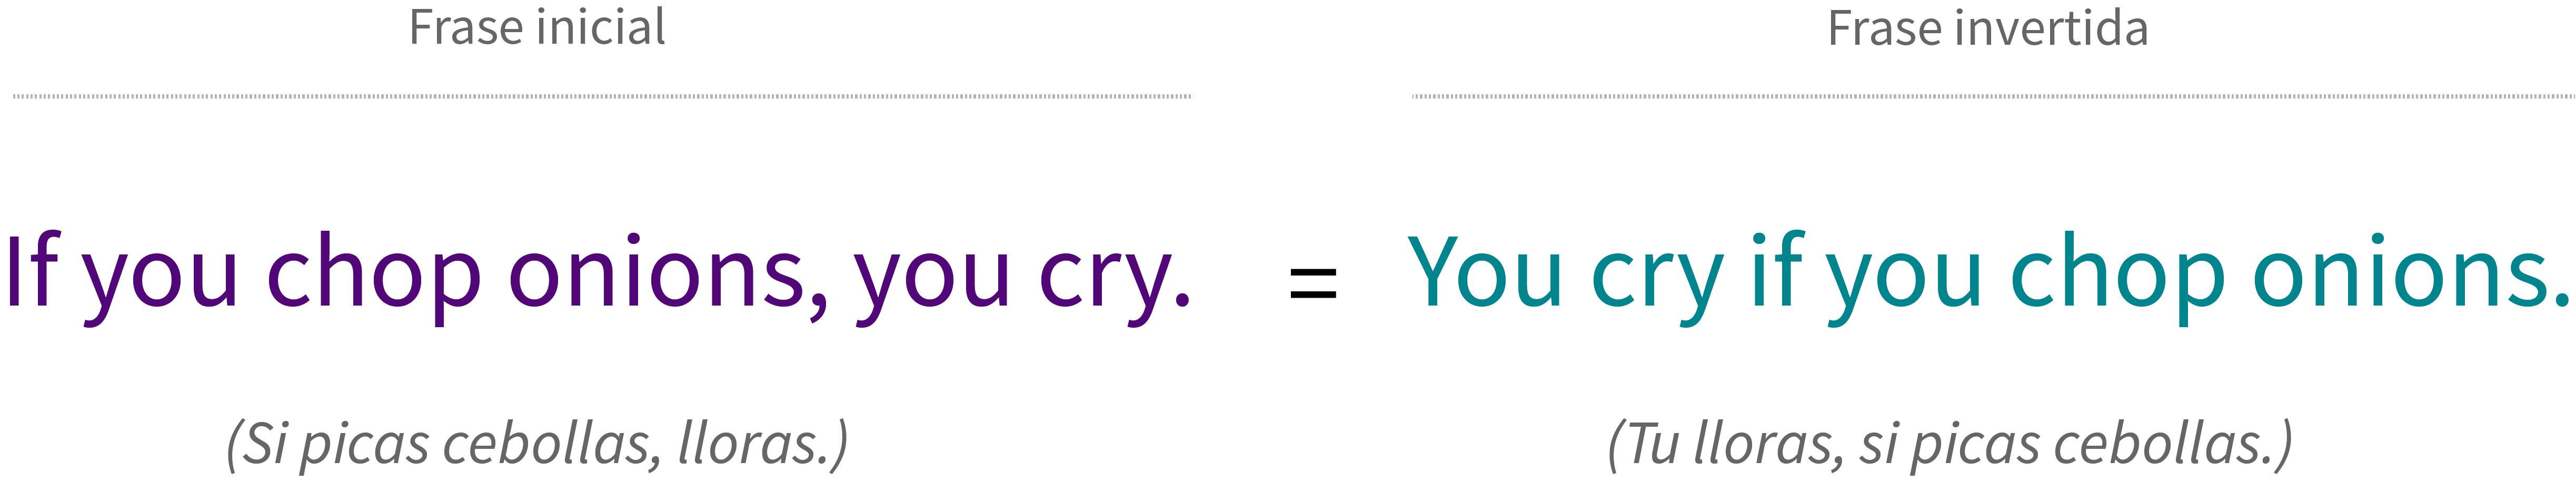 Equivalencia en el significado de las frases en el condicional cero.